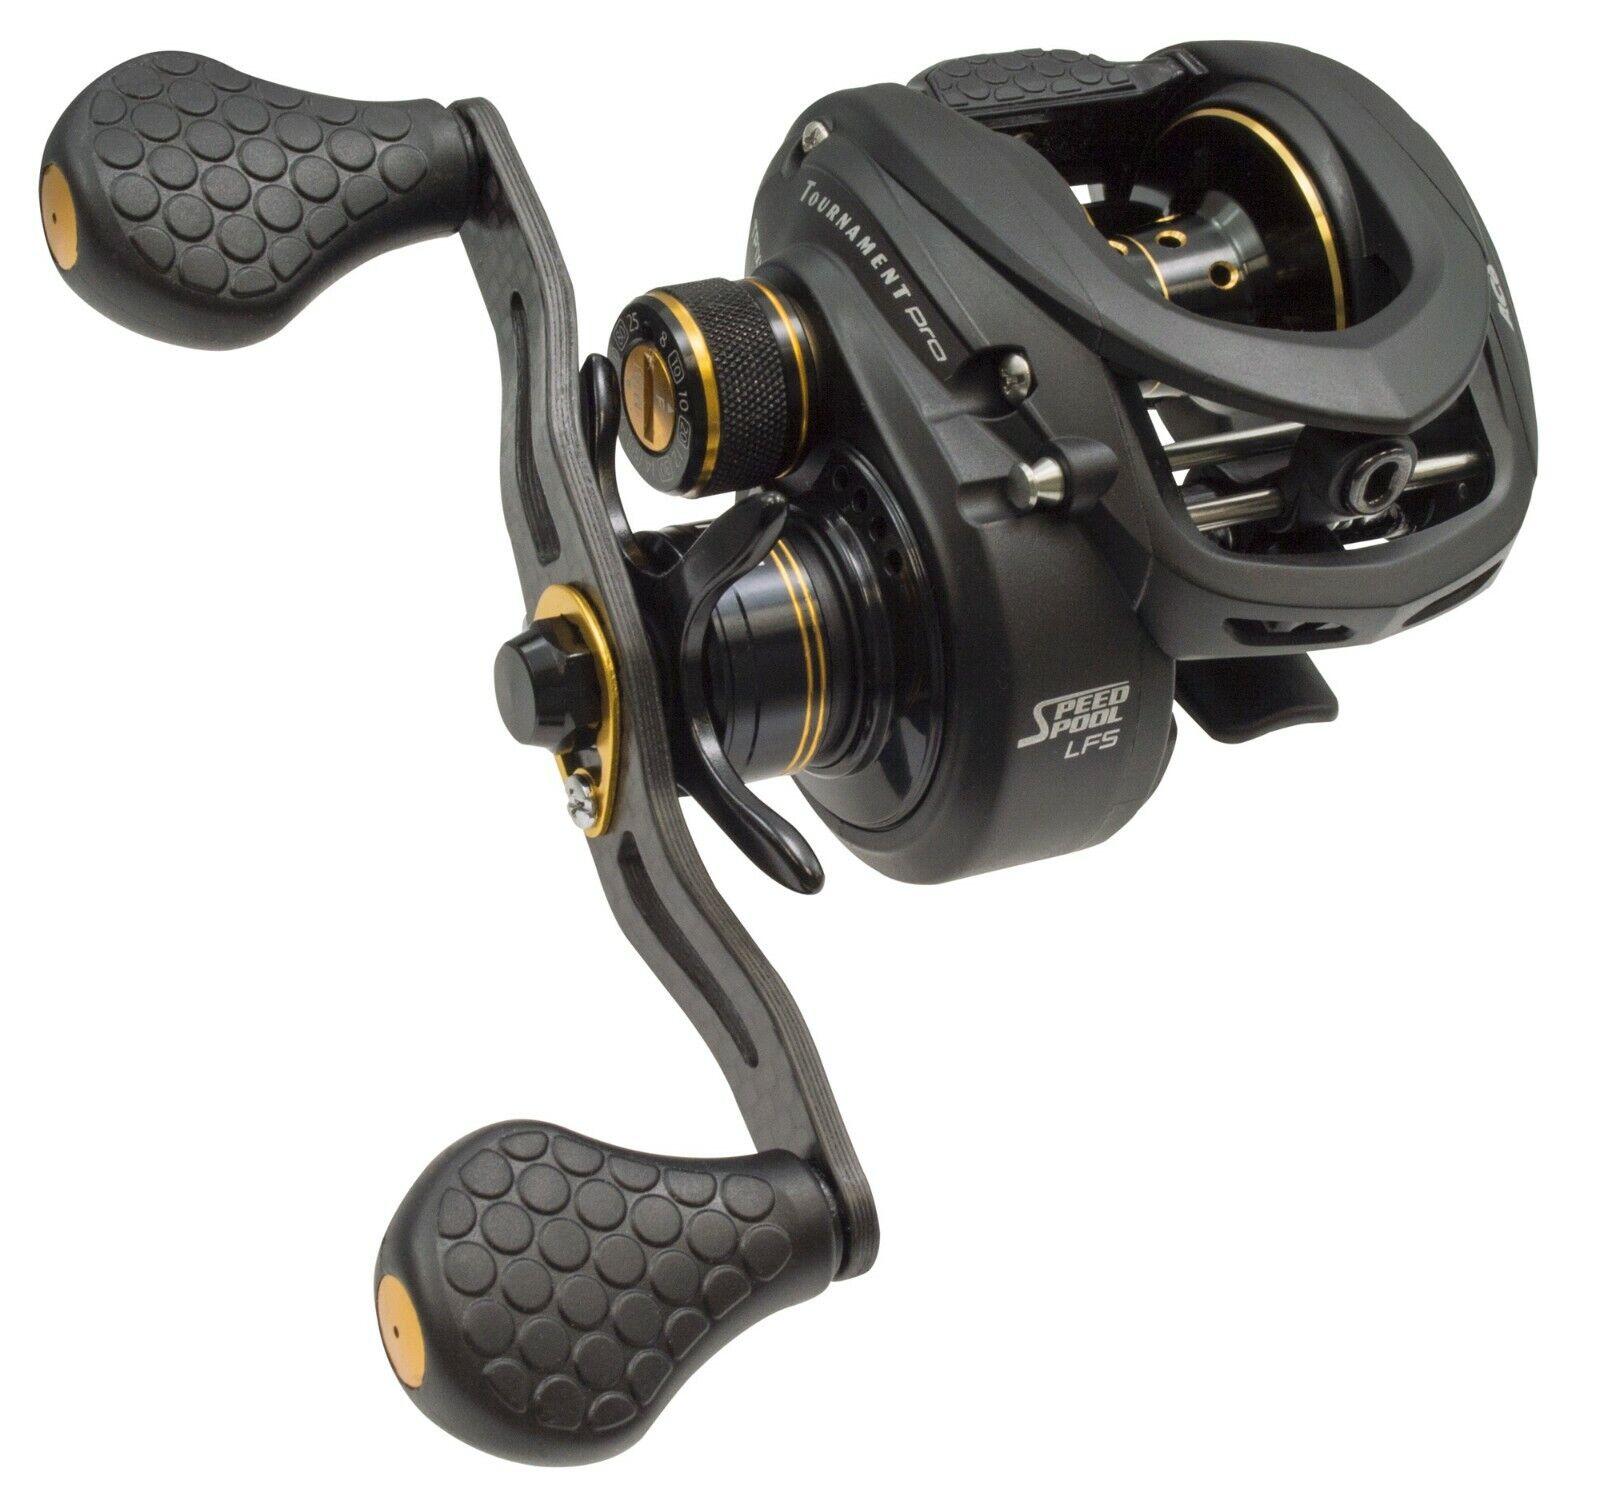 NEW Lew's Tournament Pro LFS Speed Spool Baitcast Fishing Reel - 8.3:1 RH TP1XHA